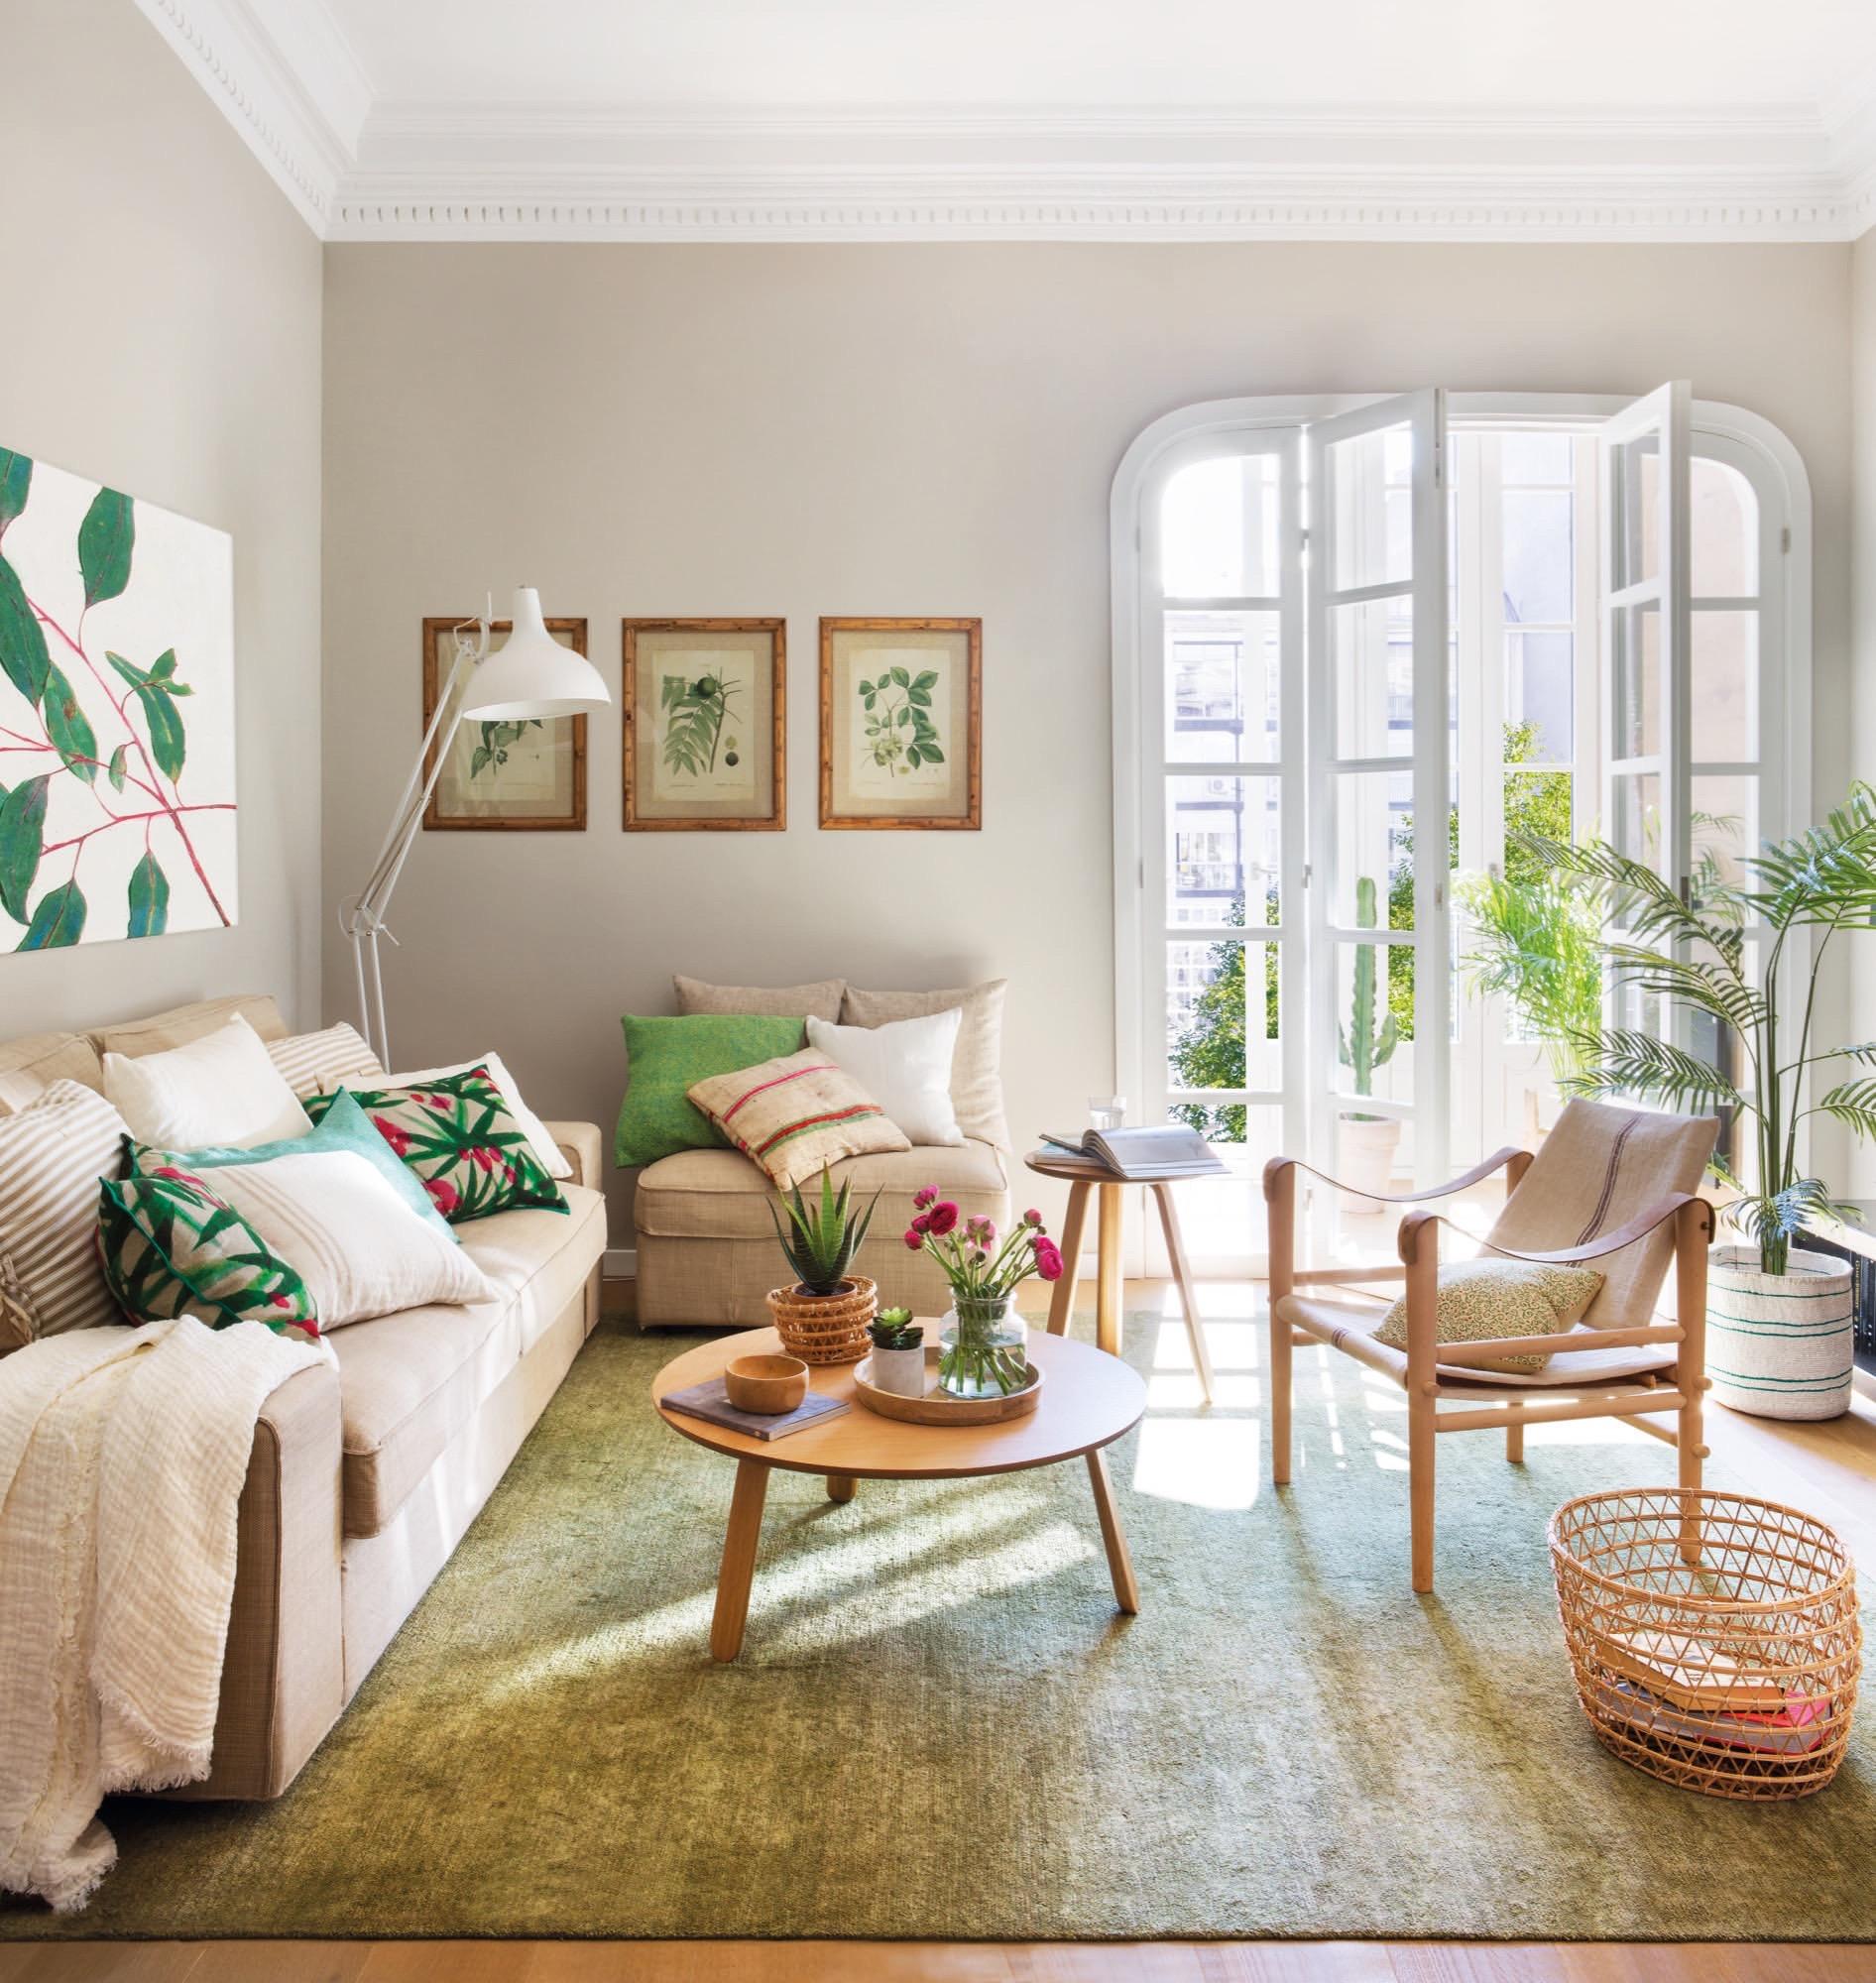 Un piso peque o y muy primaveral - Butacas pequenas para salon ...